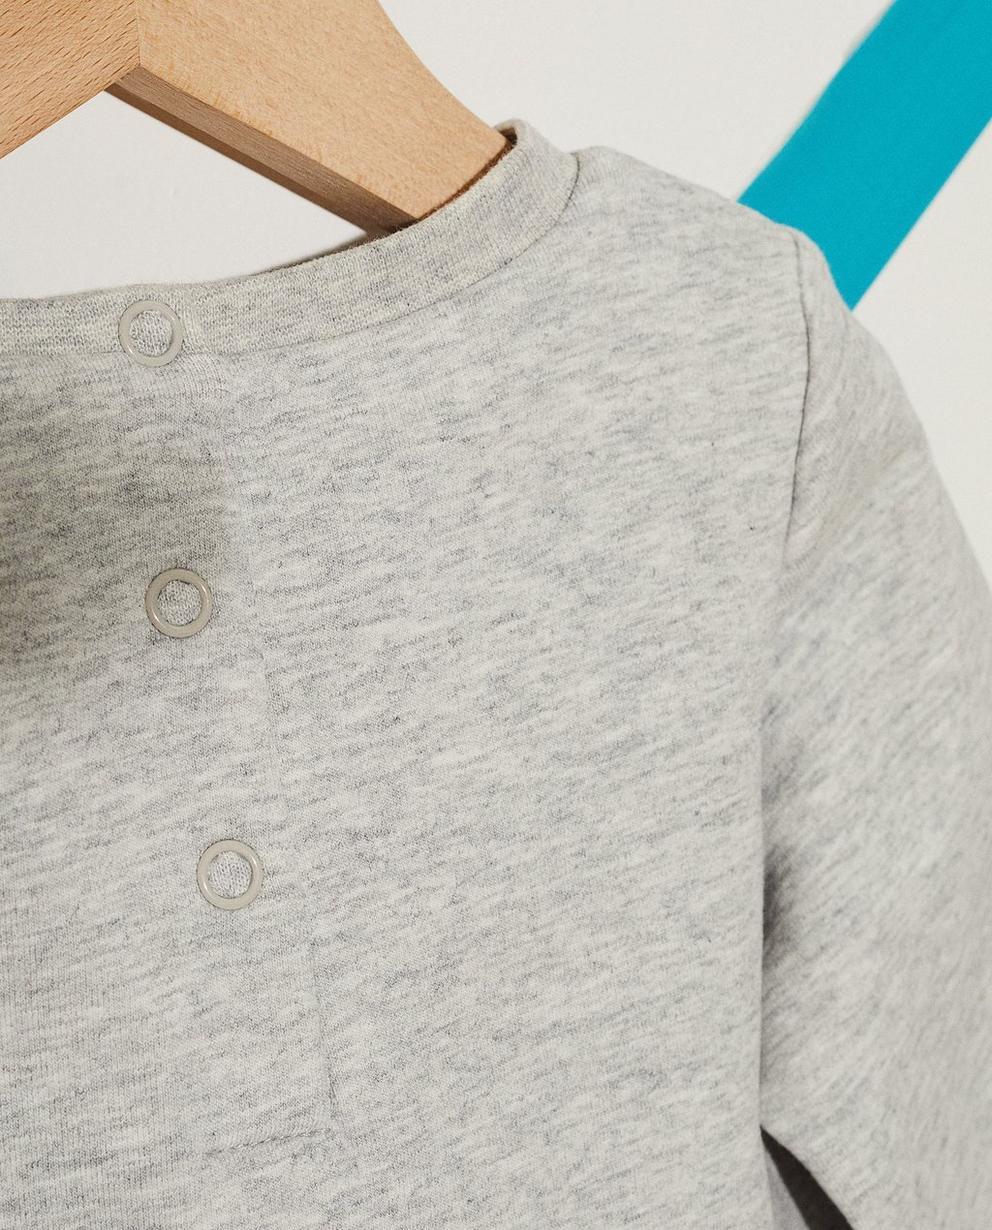 Kleider - Grau - Kleid mit Katzenprint